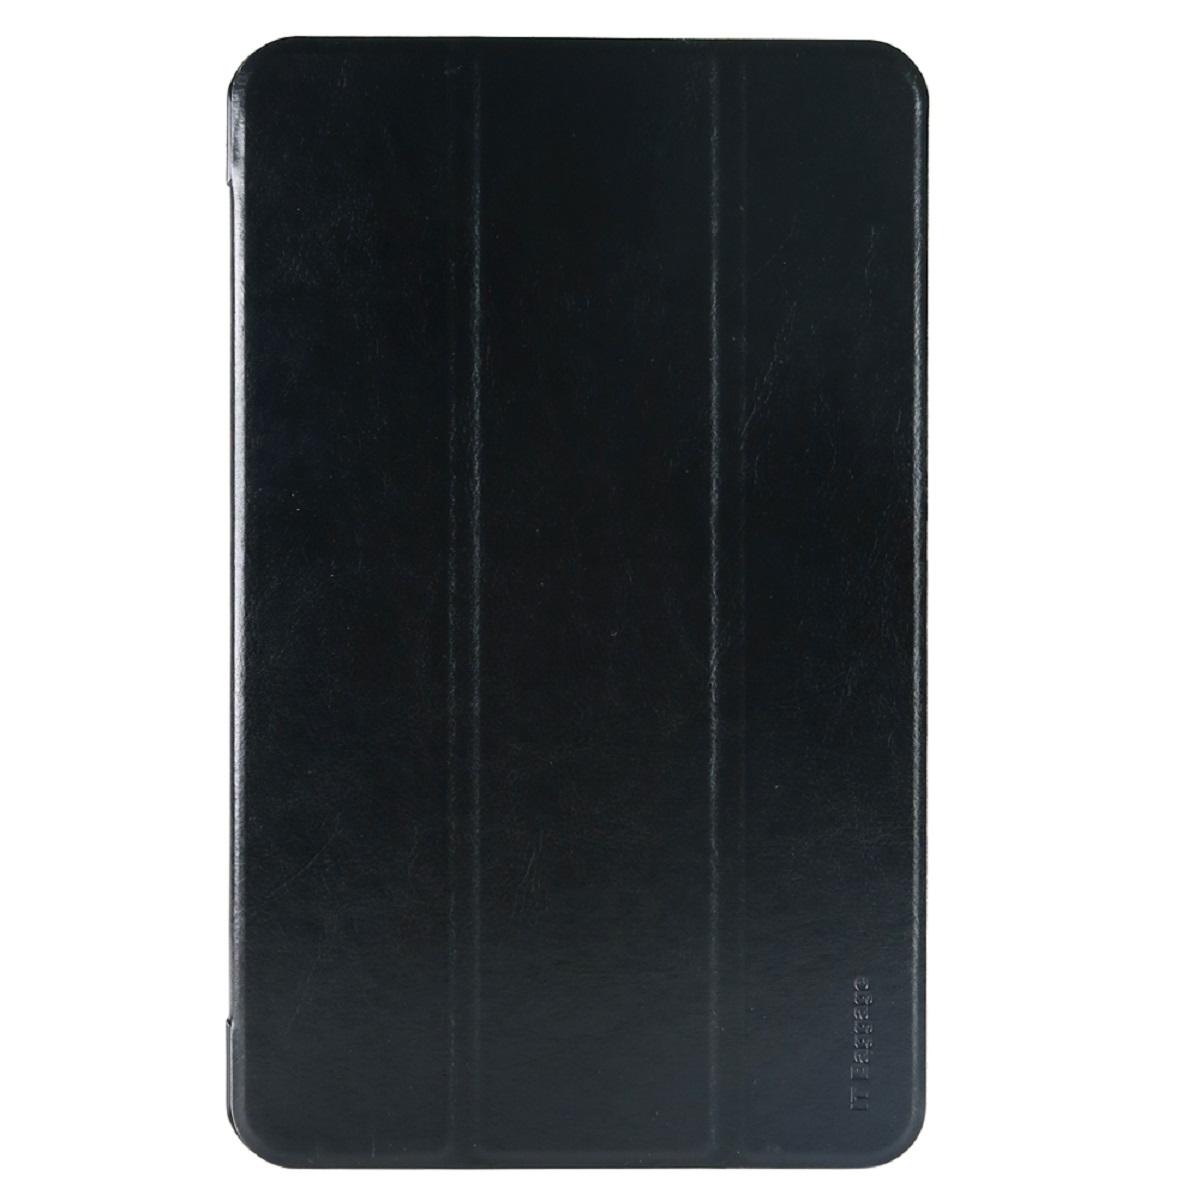 IT Baggage чехол для Samsung Galaxy Tab A 10.1 SM-T580/T585, Black чехол для планшета it baggage itssgta105 1 черный для samsung galaxy tab a sm t580 t585